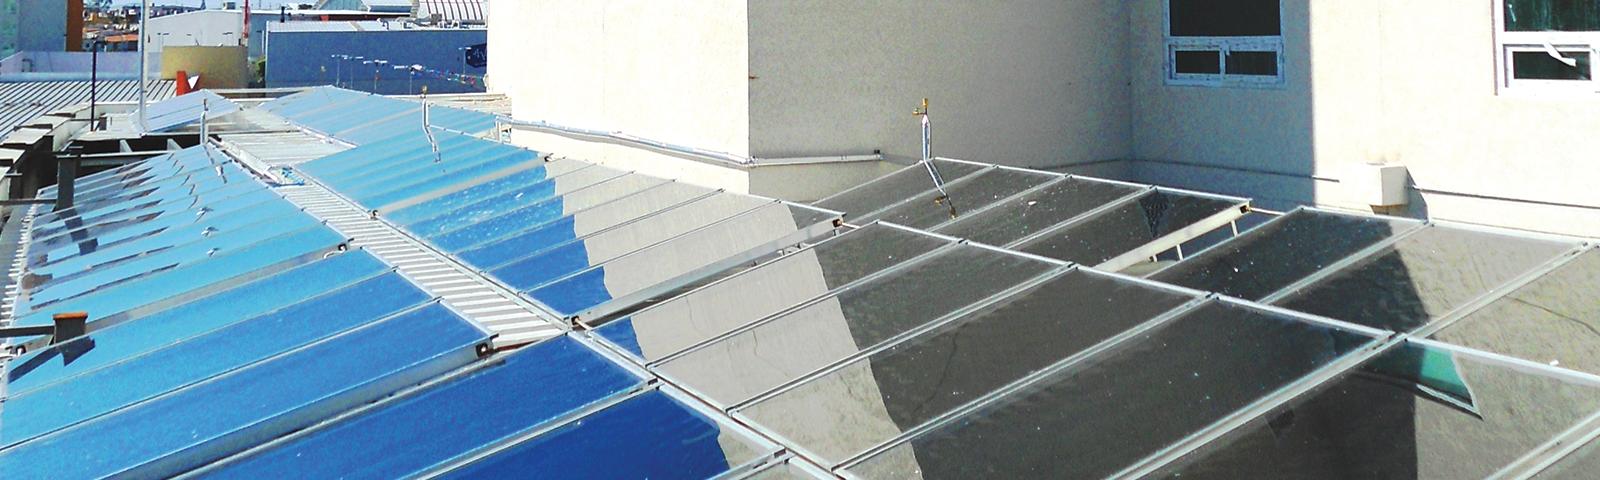 <div class='media-slider'>            <div class='media-slider__description'>              <h4>Star Médica</h4>              <p>(DF, Querétaro, Chihuahua). Proyectos solares calentamiento agua camas y                quirófanos, 90% Ahorro. Captadores 400 m2, 40 M3 día. 2012-2014.<span> Imágenes 100% Originales Casolar ®</span></p>              </div>              <div class='media-slider__image'>                <img src='http://www.casolar.com.mx/wp-content/themes/casolar/img/casolar__logo--starmedica.jpg'>              </div>            </div>